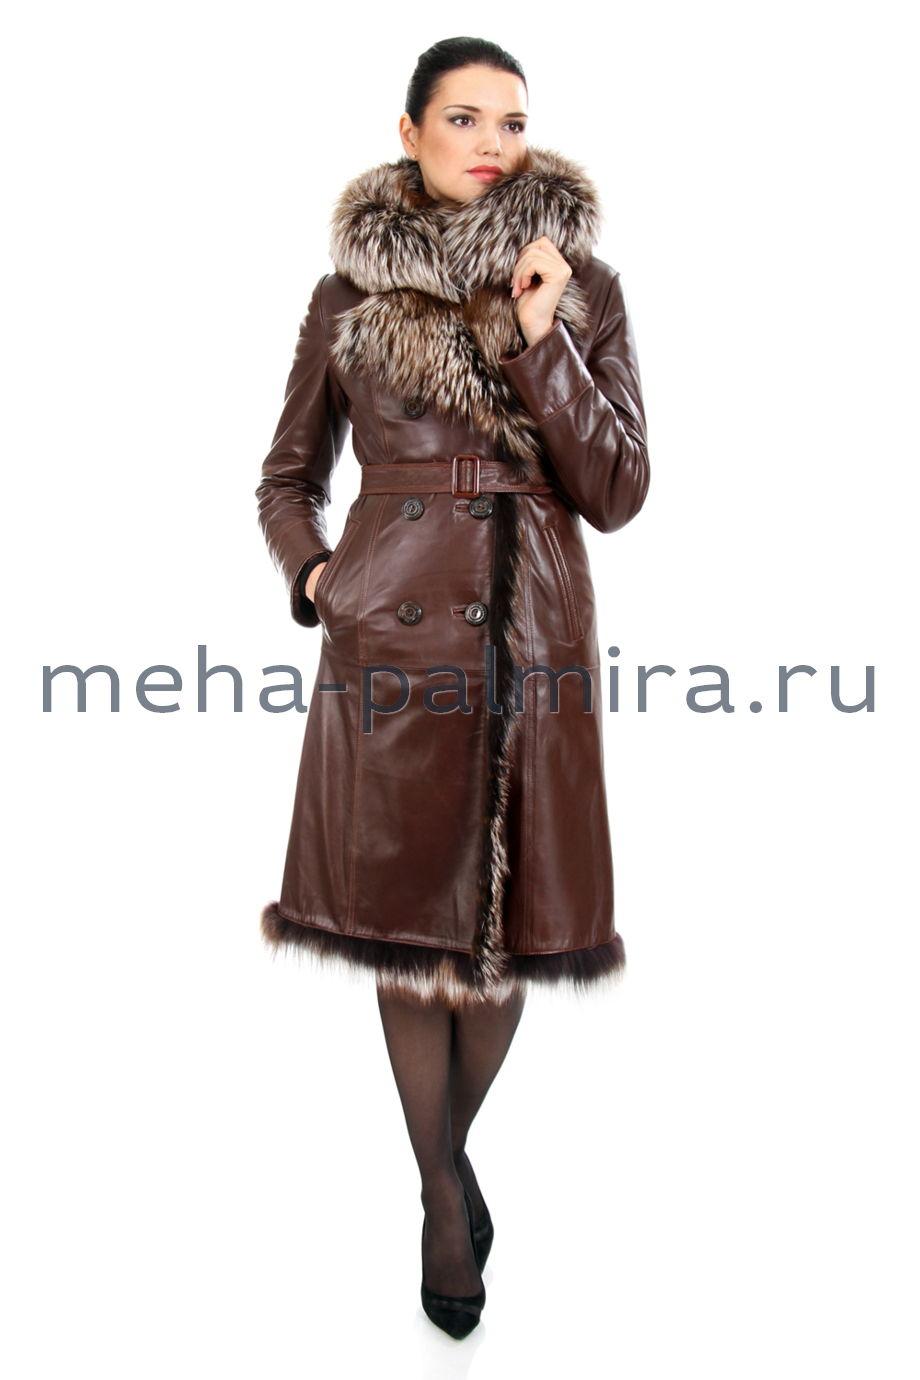 Дубленка кожаная с чернобуркой, цвет коричневый